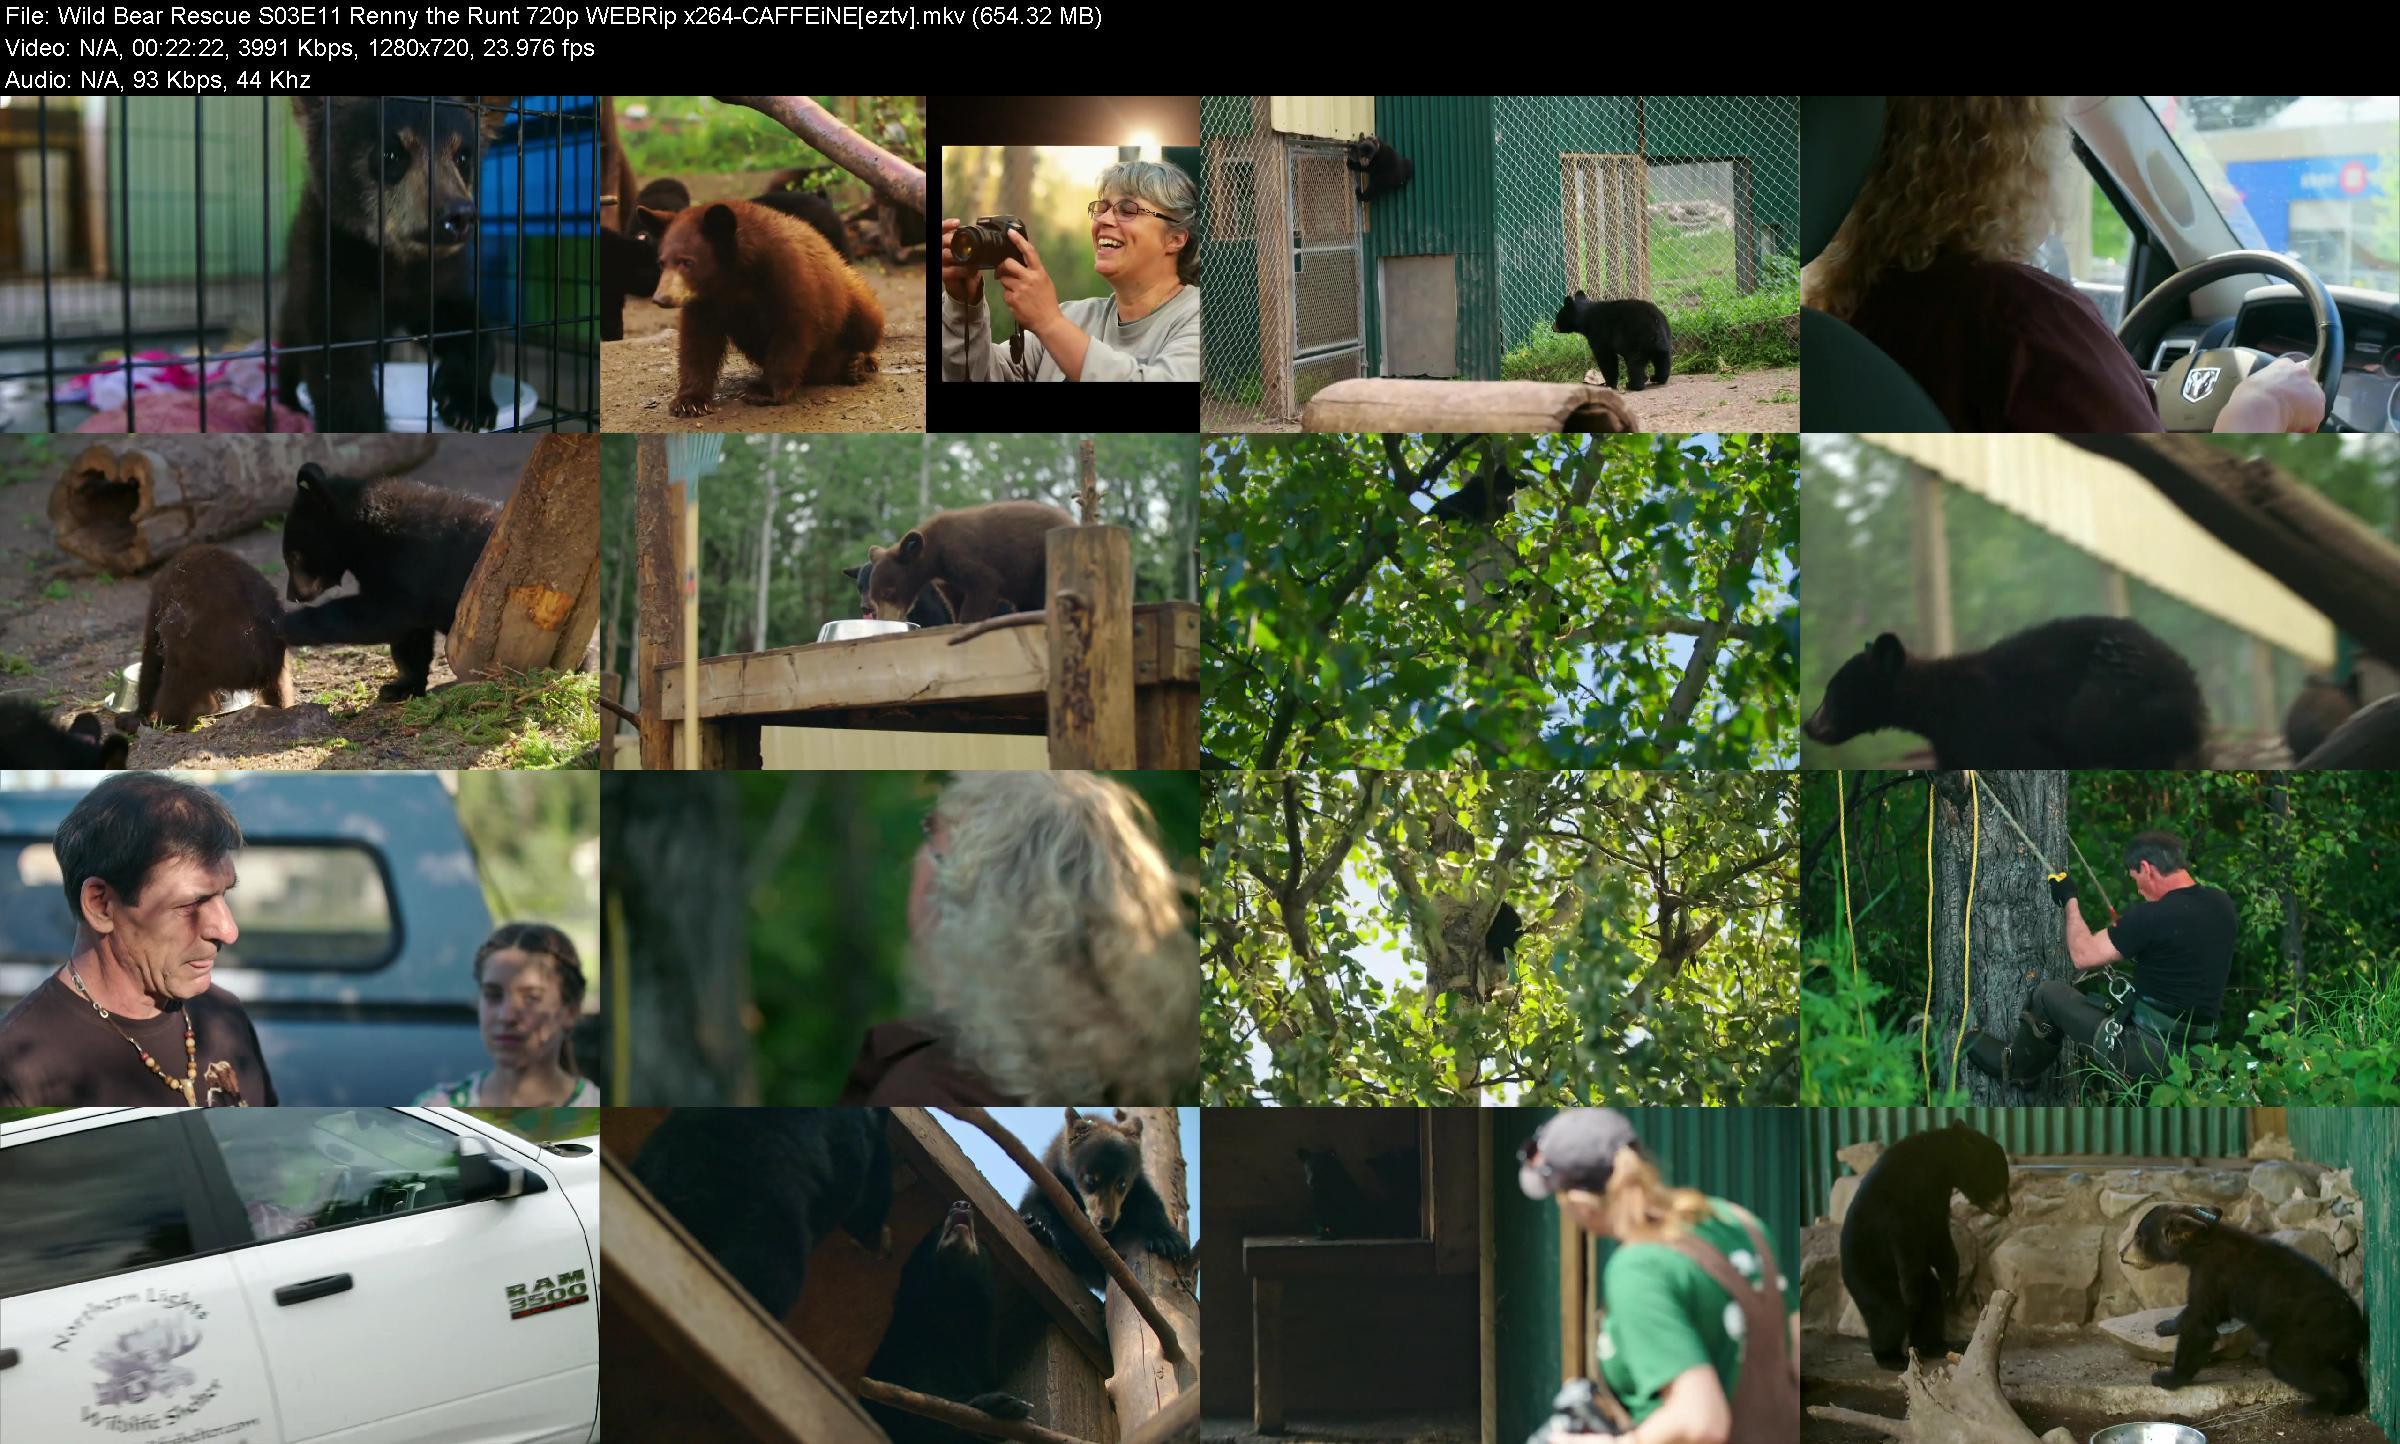 Wild Bear Rescue S03e11 Renny The Runt 720p Webrip X264-caffeine